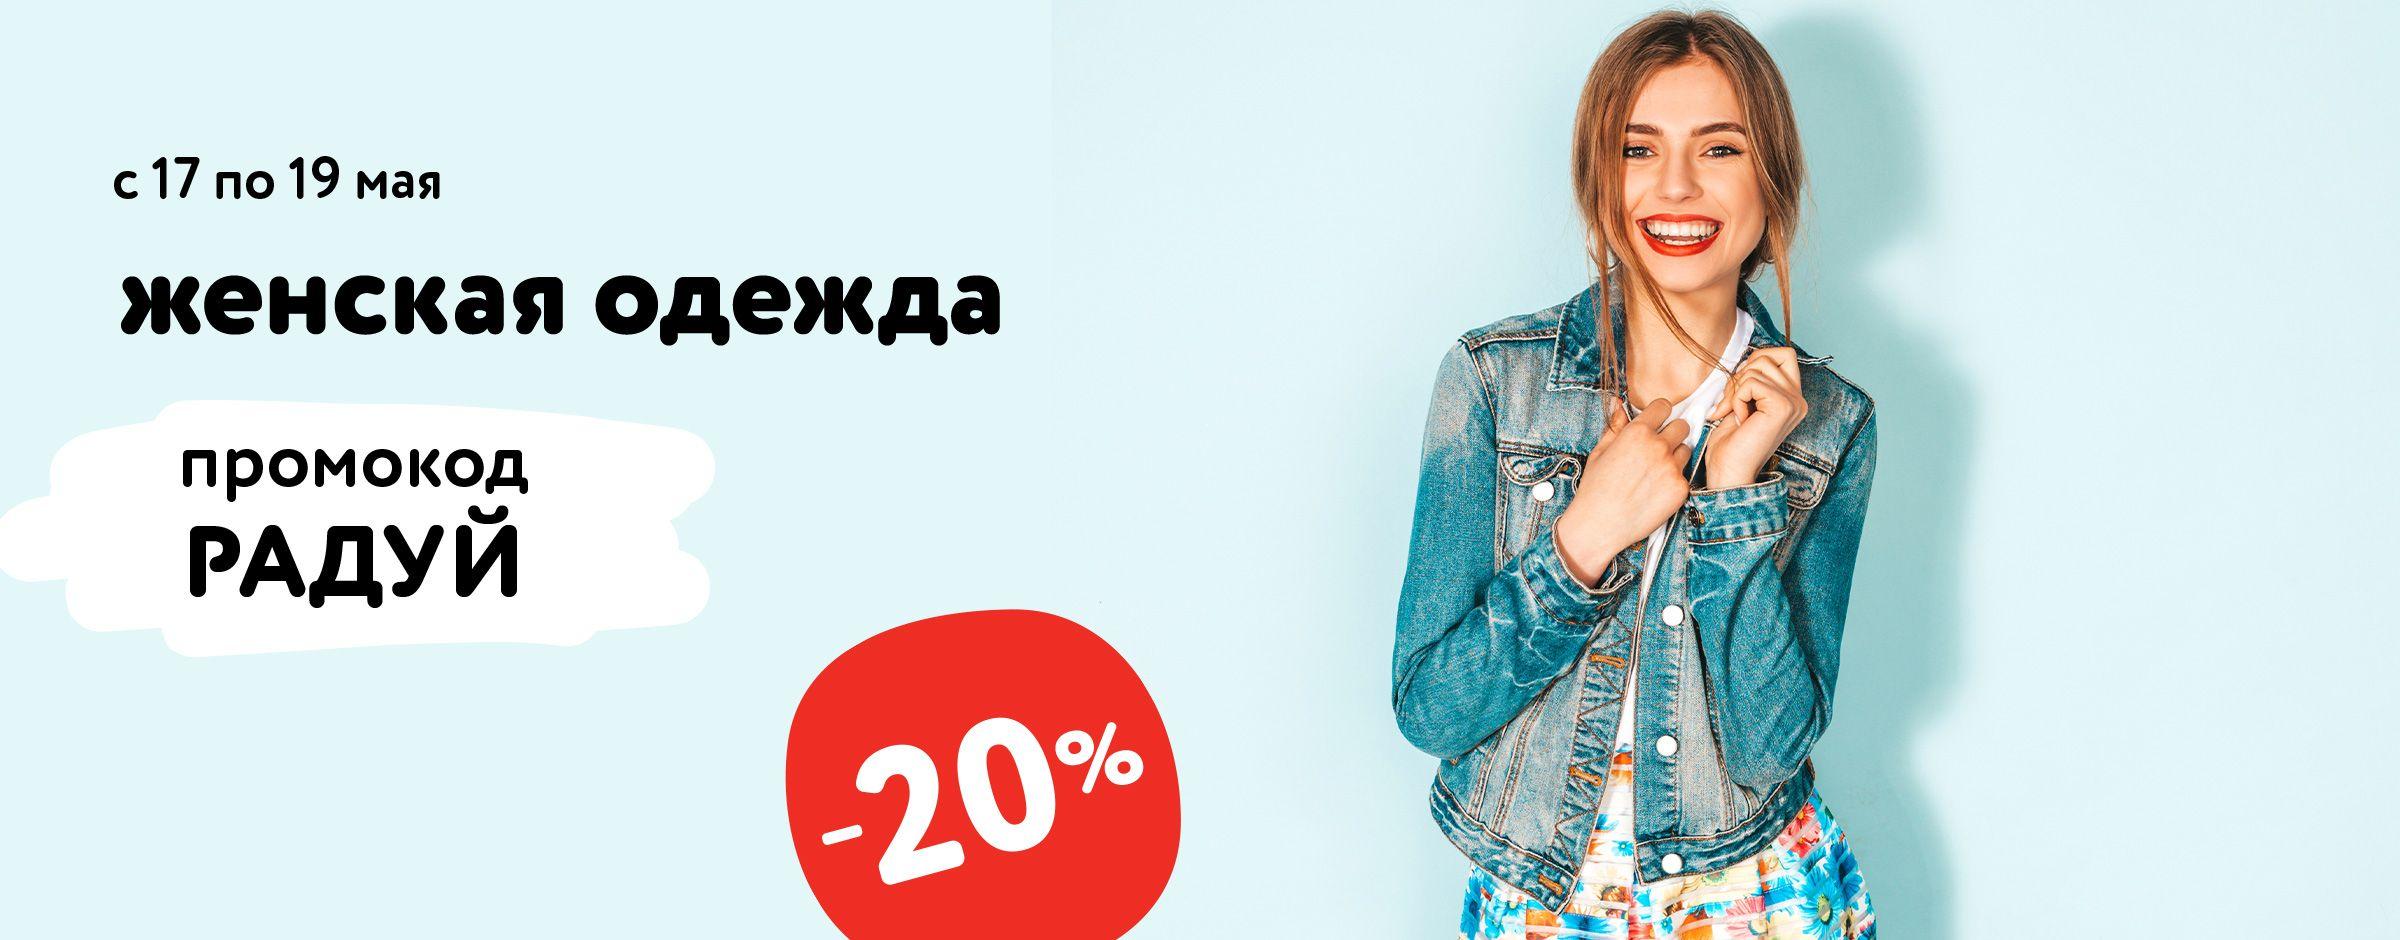 Доп. скидка 20% на женскую одежду по промокоду